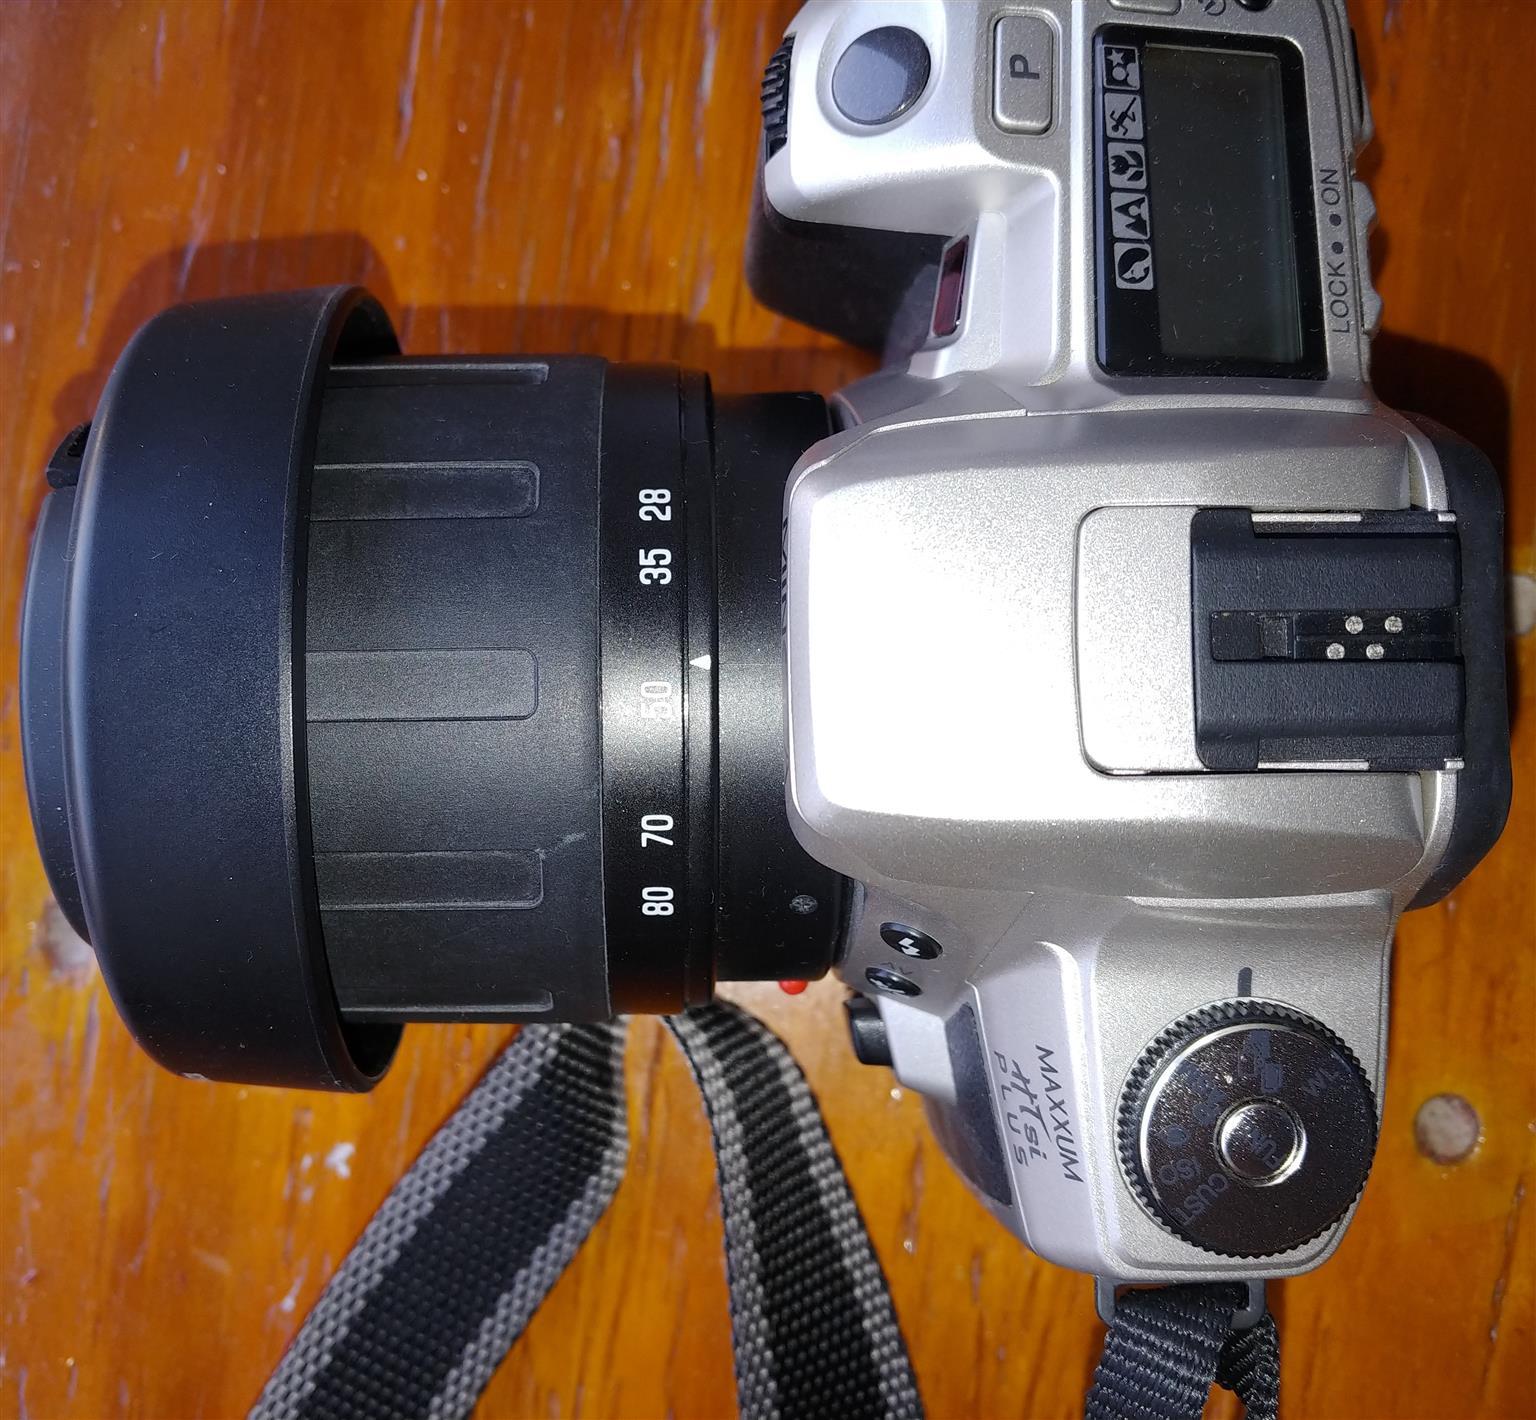 Minolta Maxxum HTsi Plus (Camera)